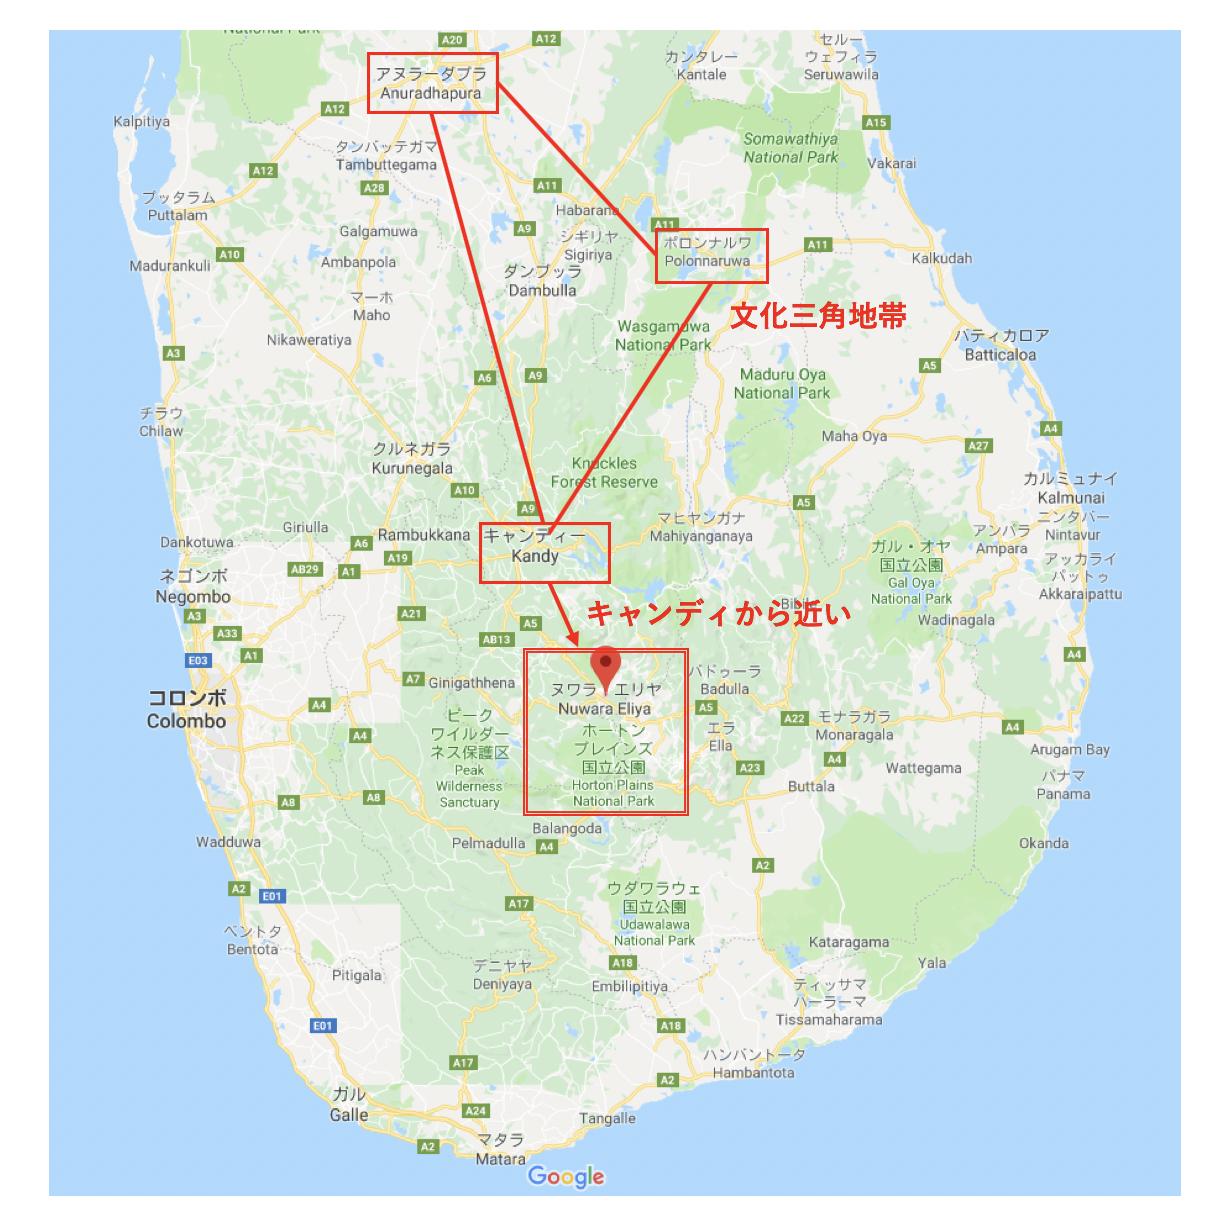 ヌワラエリヤの位置